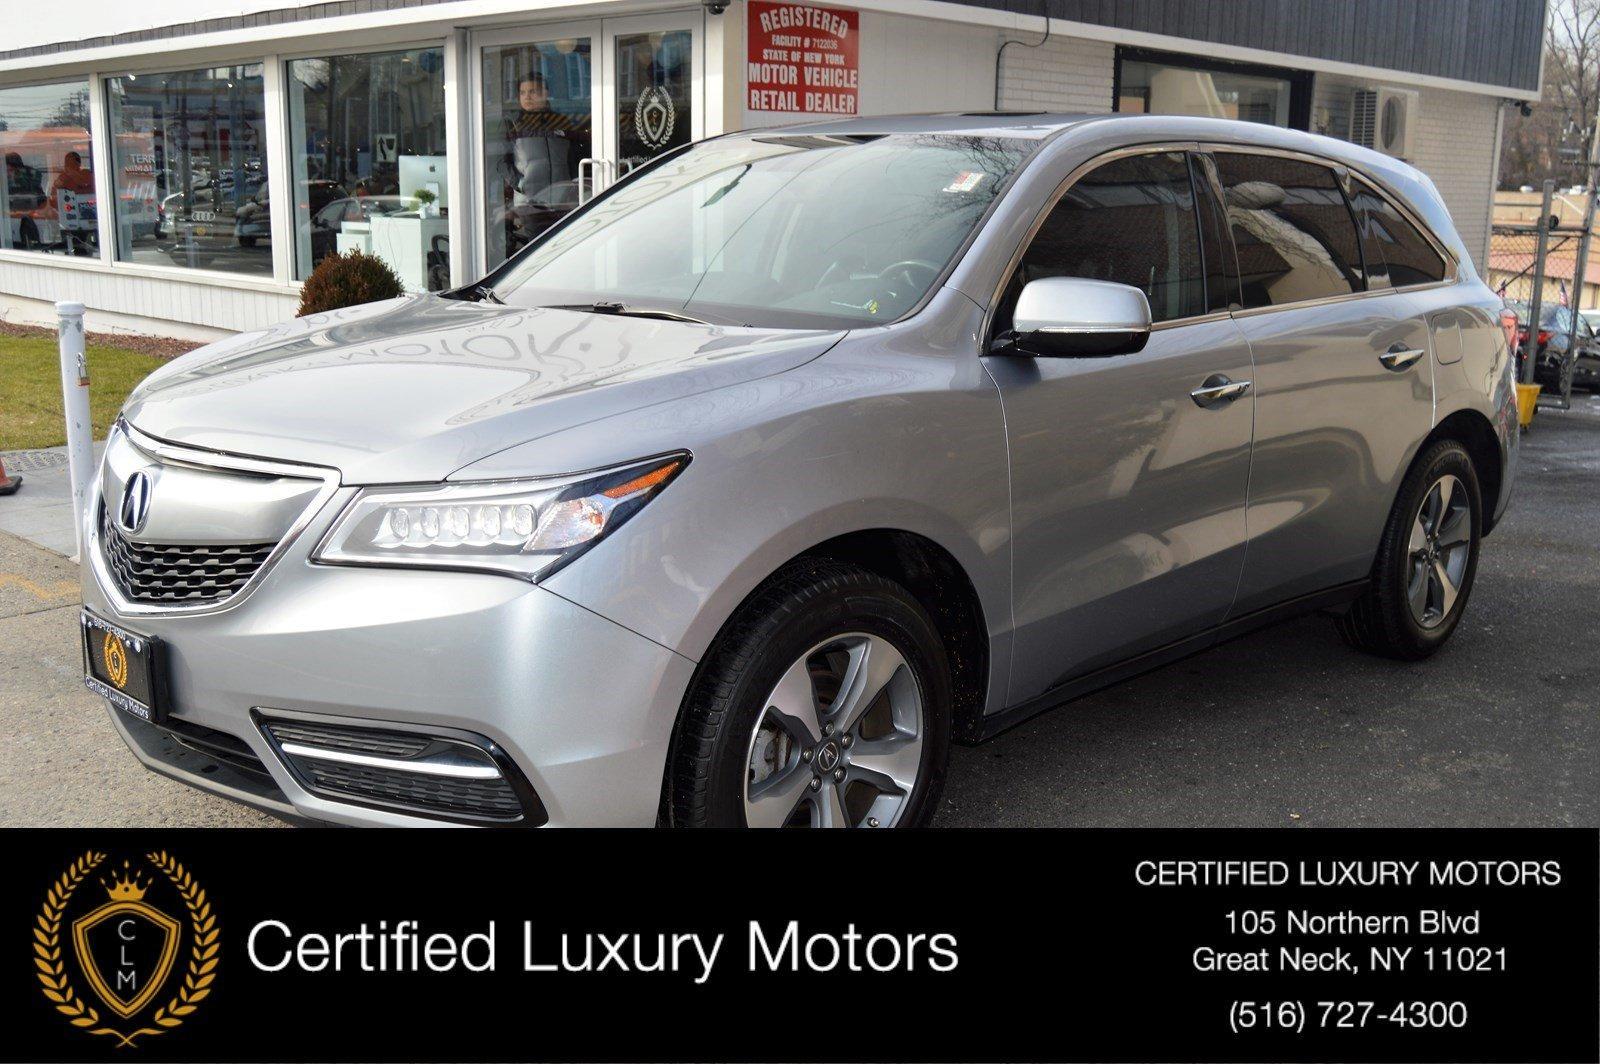 Acura Dealer Ny >> 2016 Acura Mdx Stock 7809 For Sale Near Great Neck Ny Ny Acura